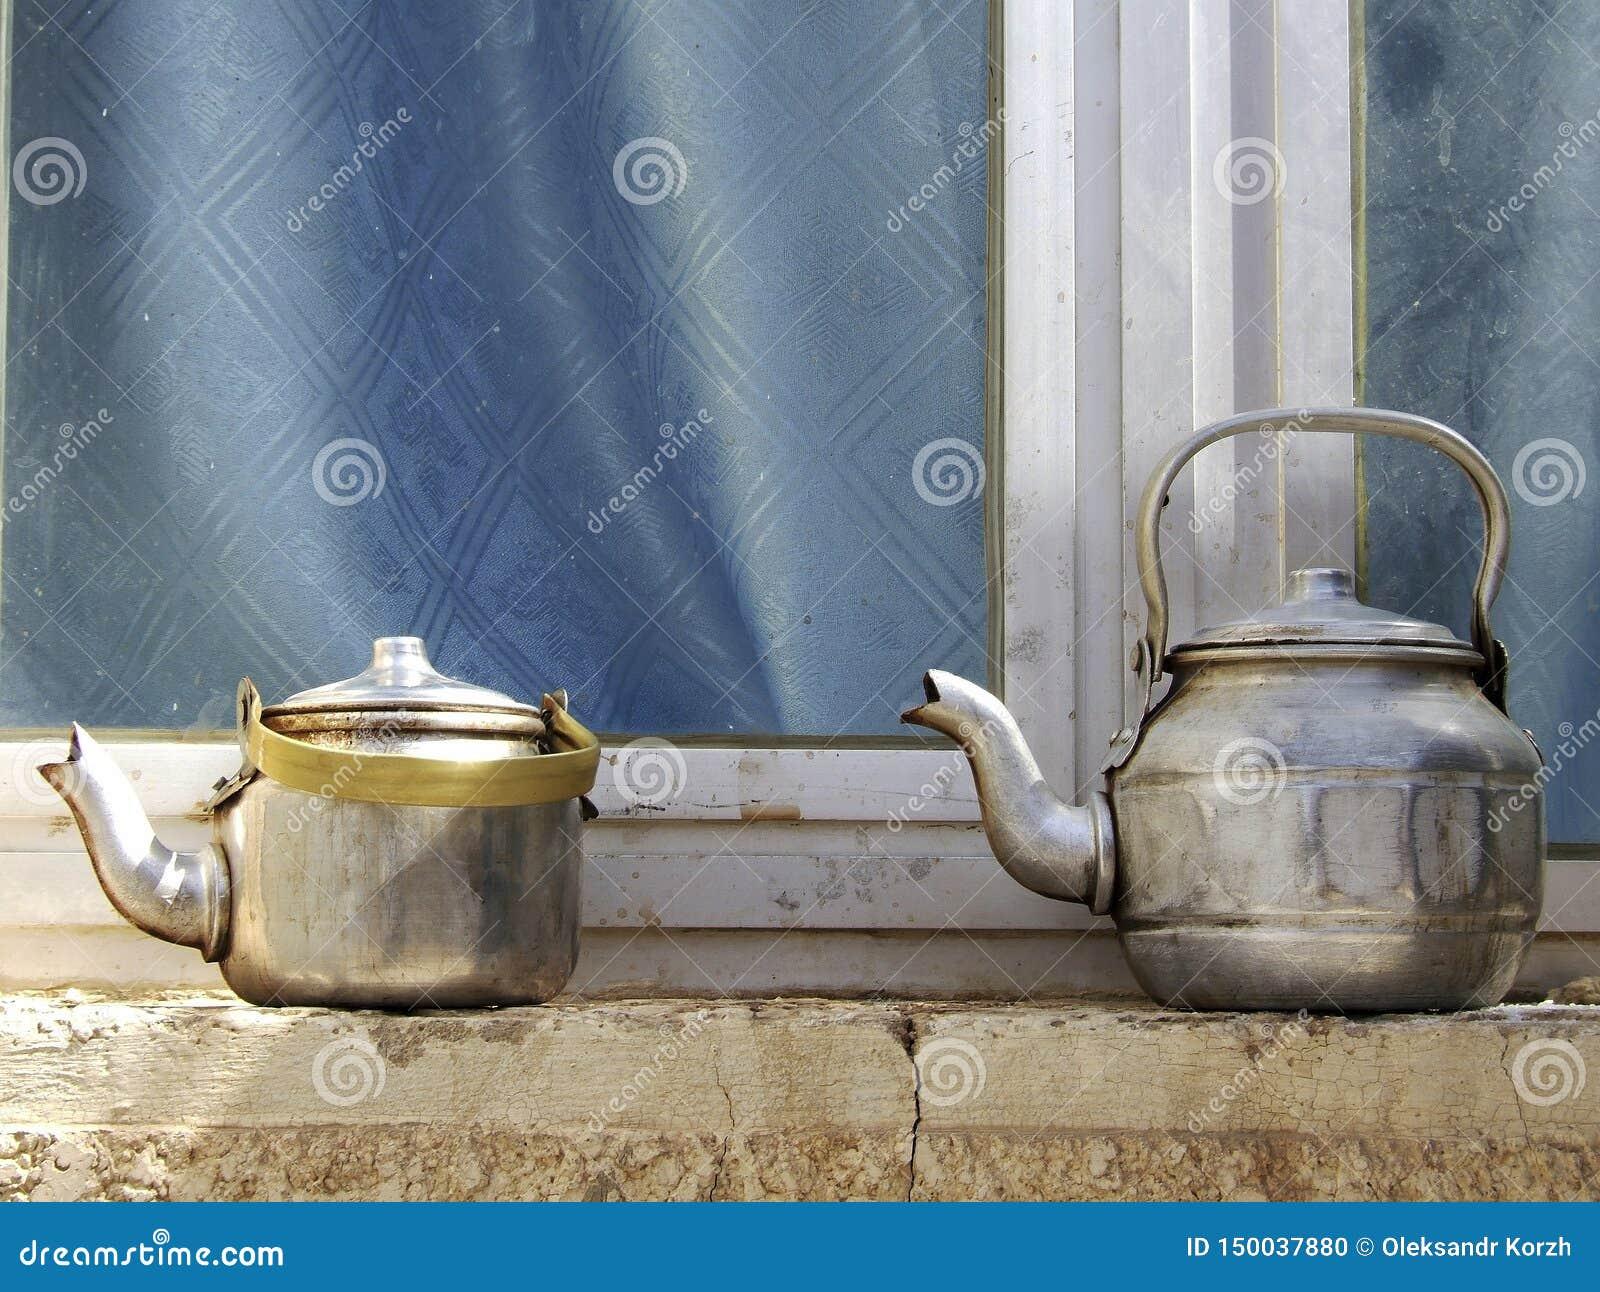 Koppartekannor som står till den konkreta fönsterbrädan, kokkärl på gatan, shoppar fönstret för exponeringsglas